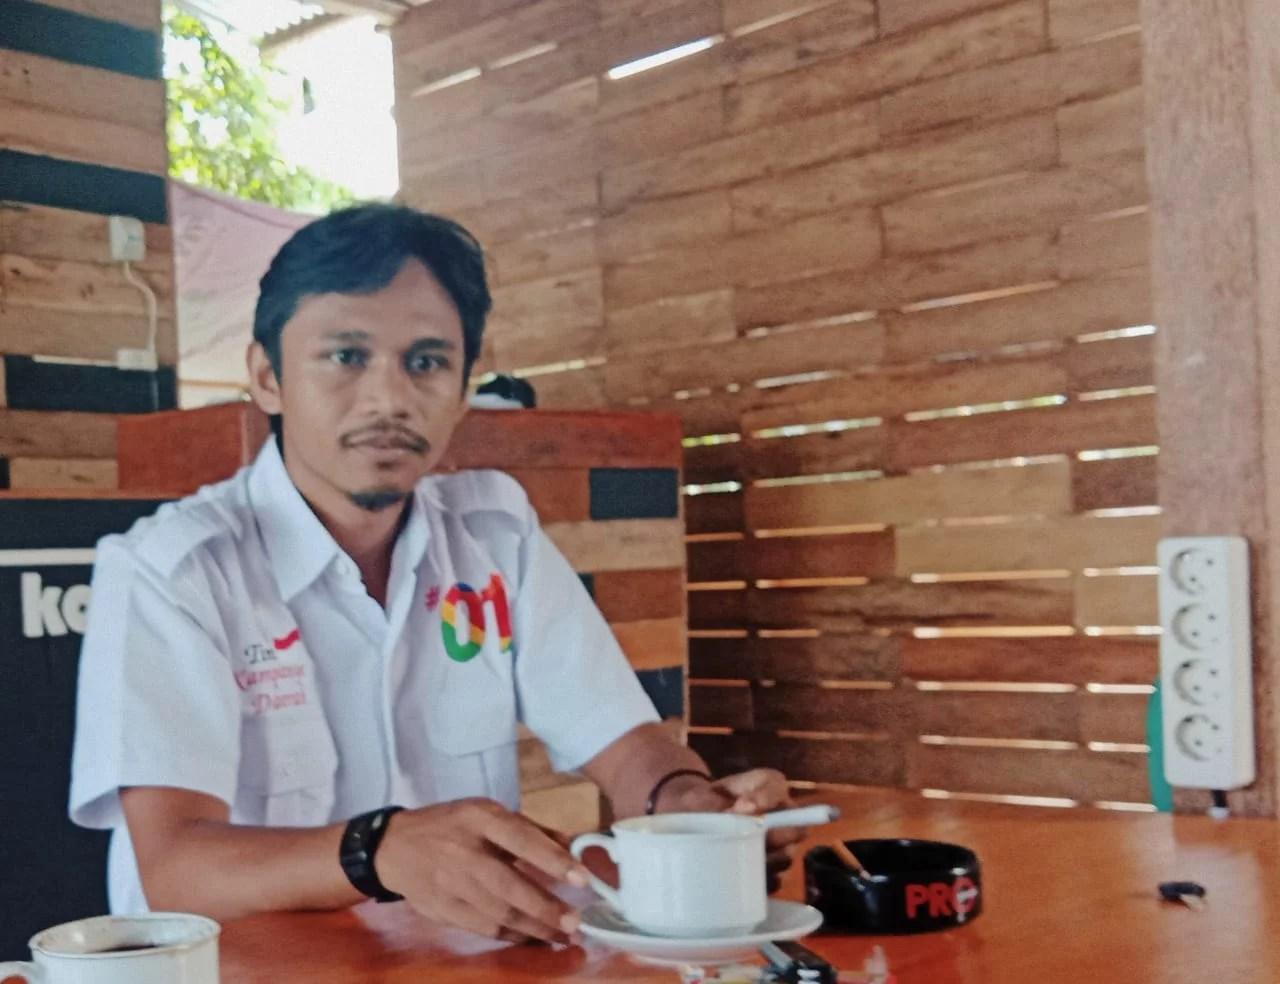 Koordinator Relawan Jokowi-Ma'ruf Halut Ajak Warga Sukseskan Deklarasi Pemilu Damai